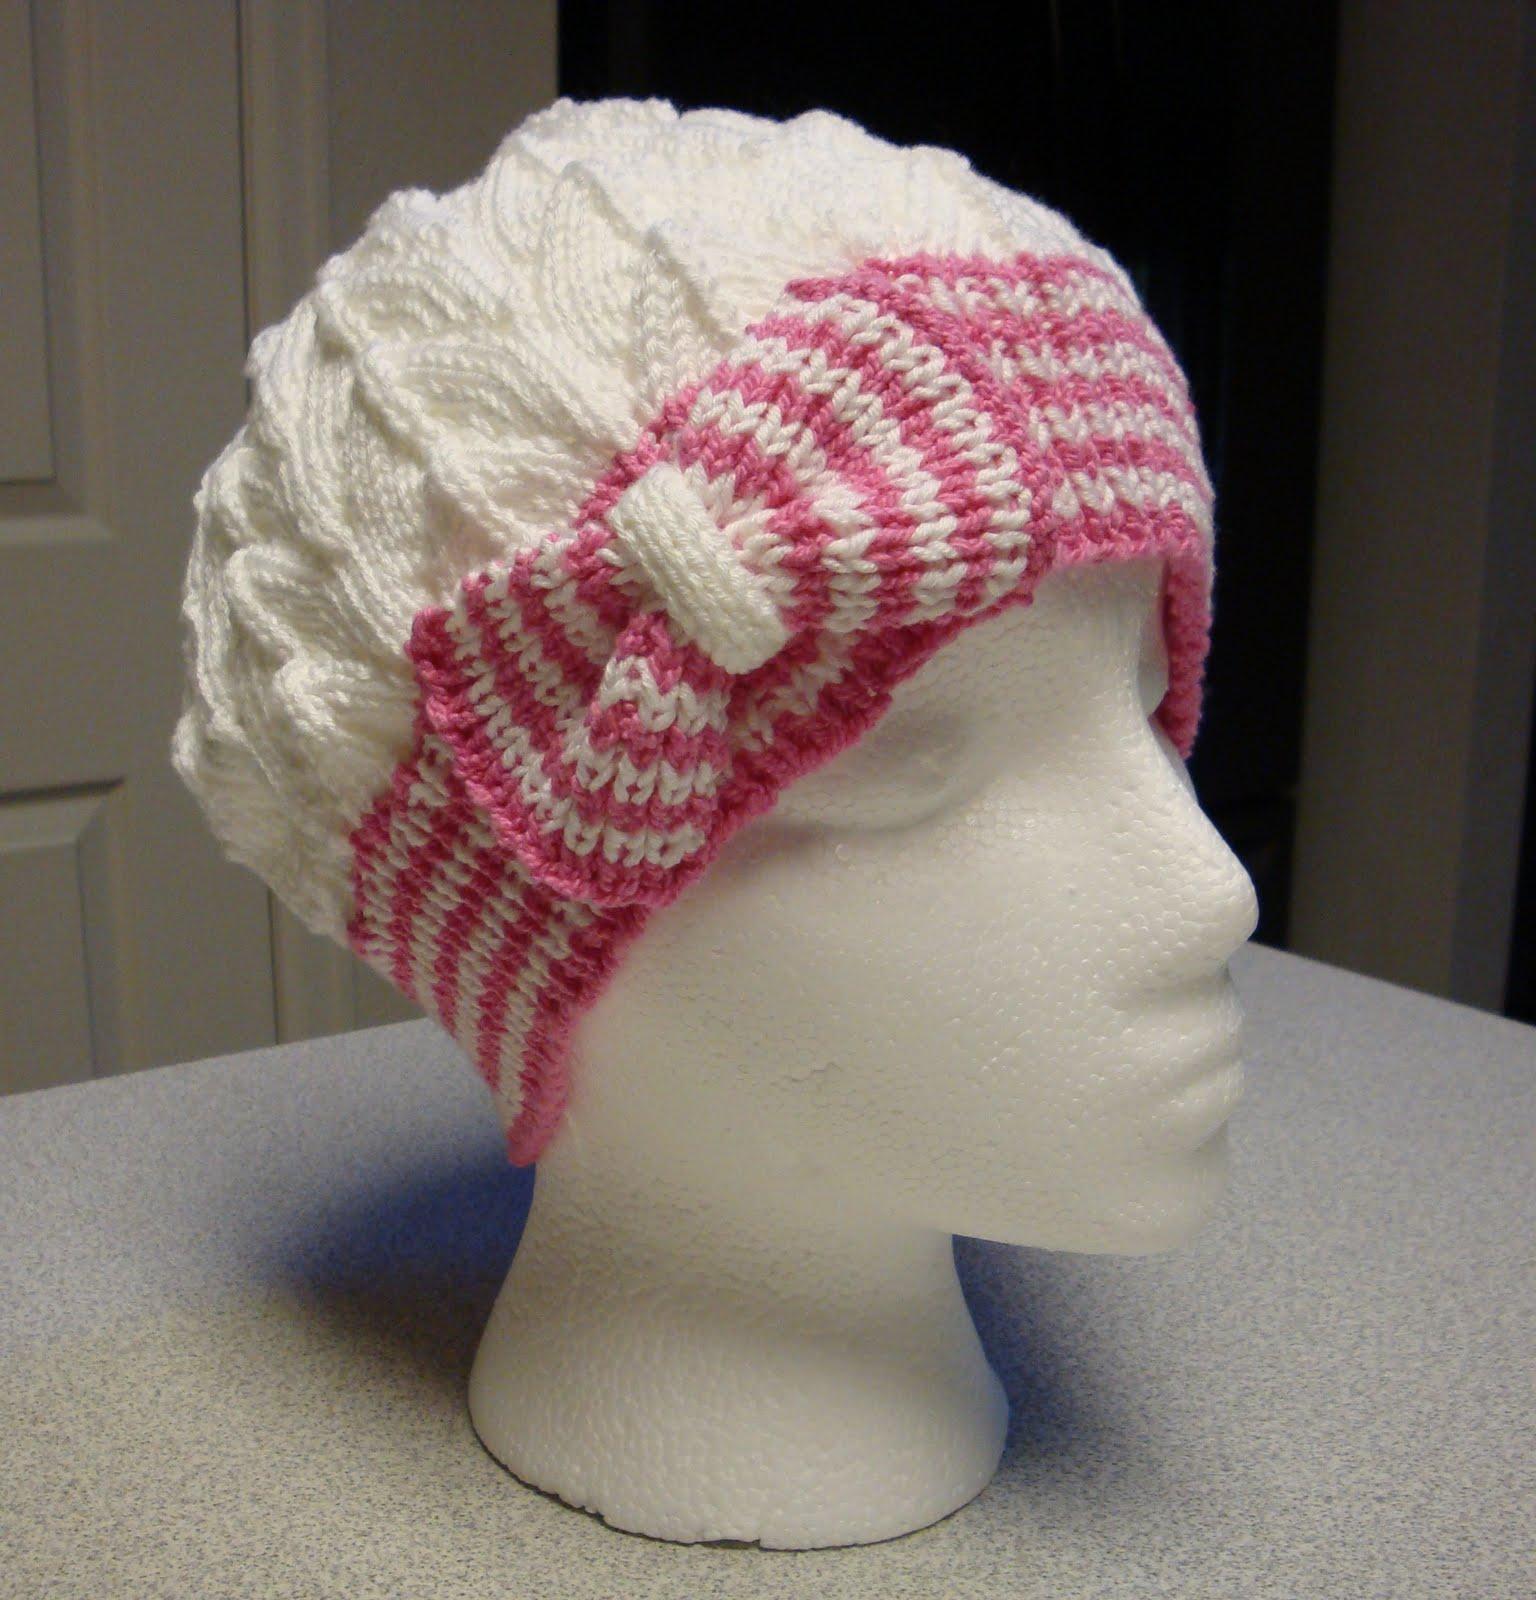 Crochet Chemo Hat Patterns Crochet For Beginners